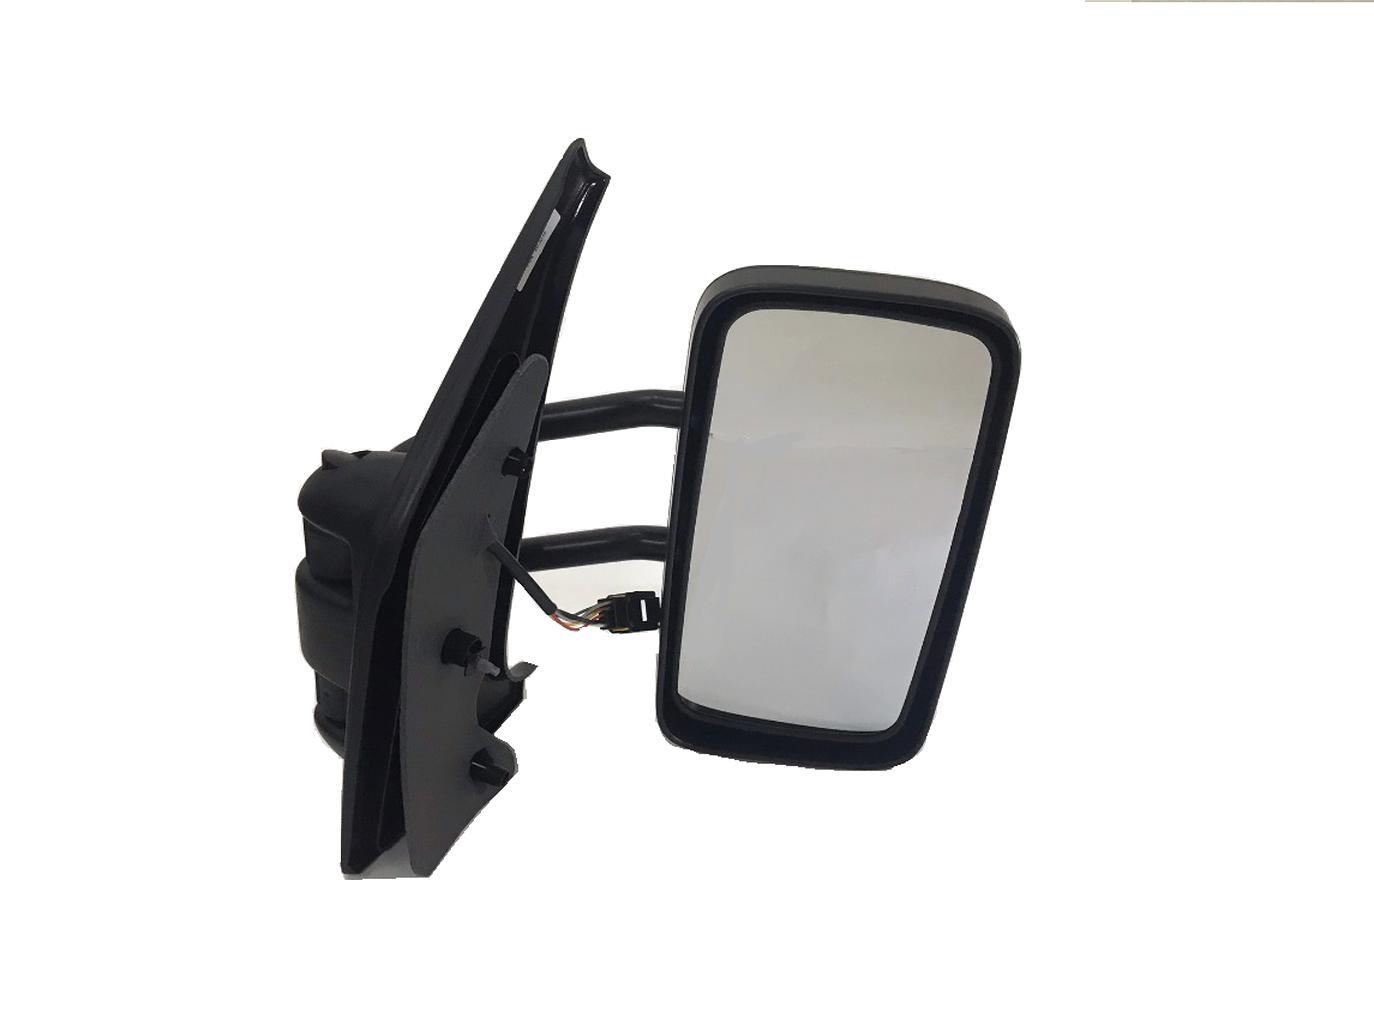 Miroir r/étroviseur complet manuel bras long Izquierdo